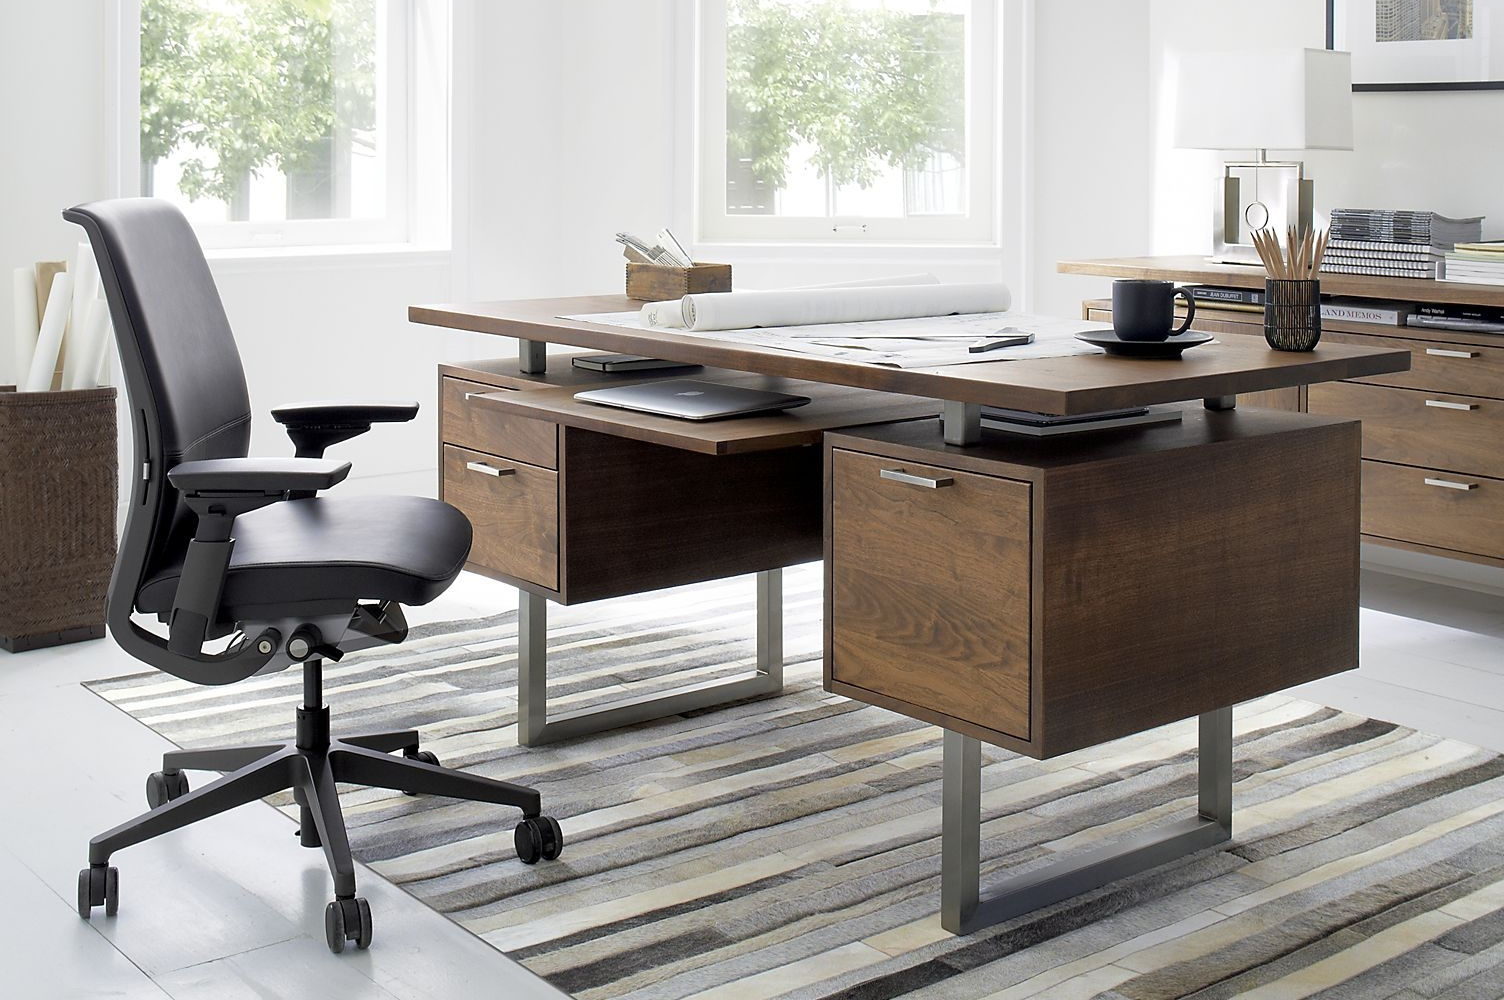 Tovin Design Limited